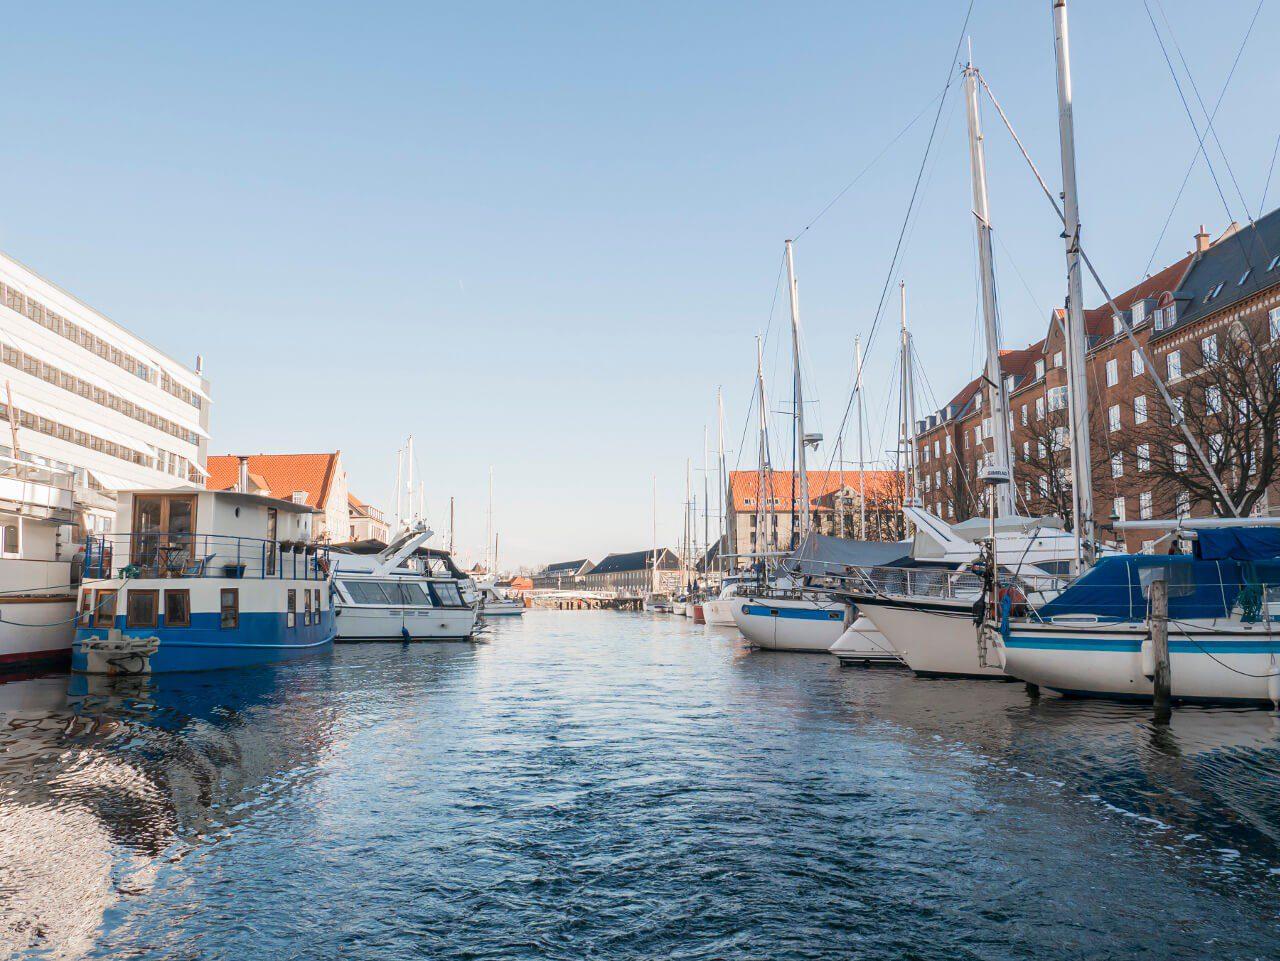 Kanały Kopenhagi podczas rejsu statkiem wycieczkowym